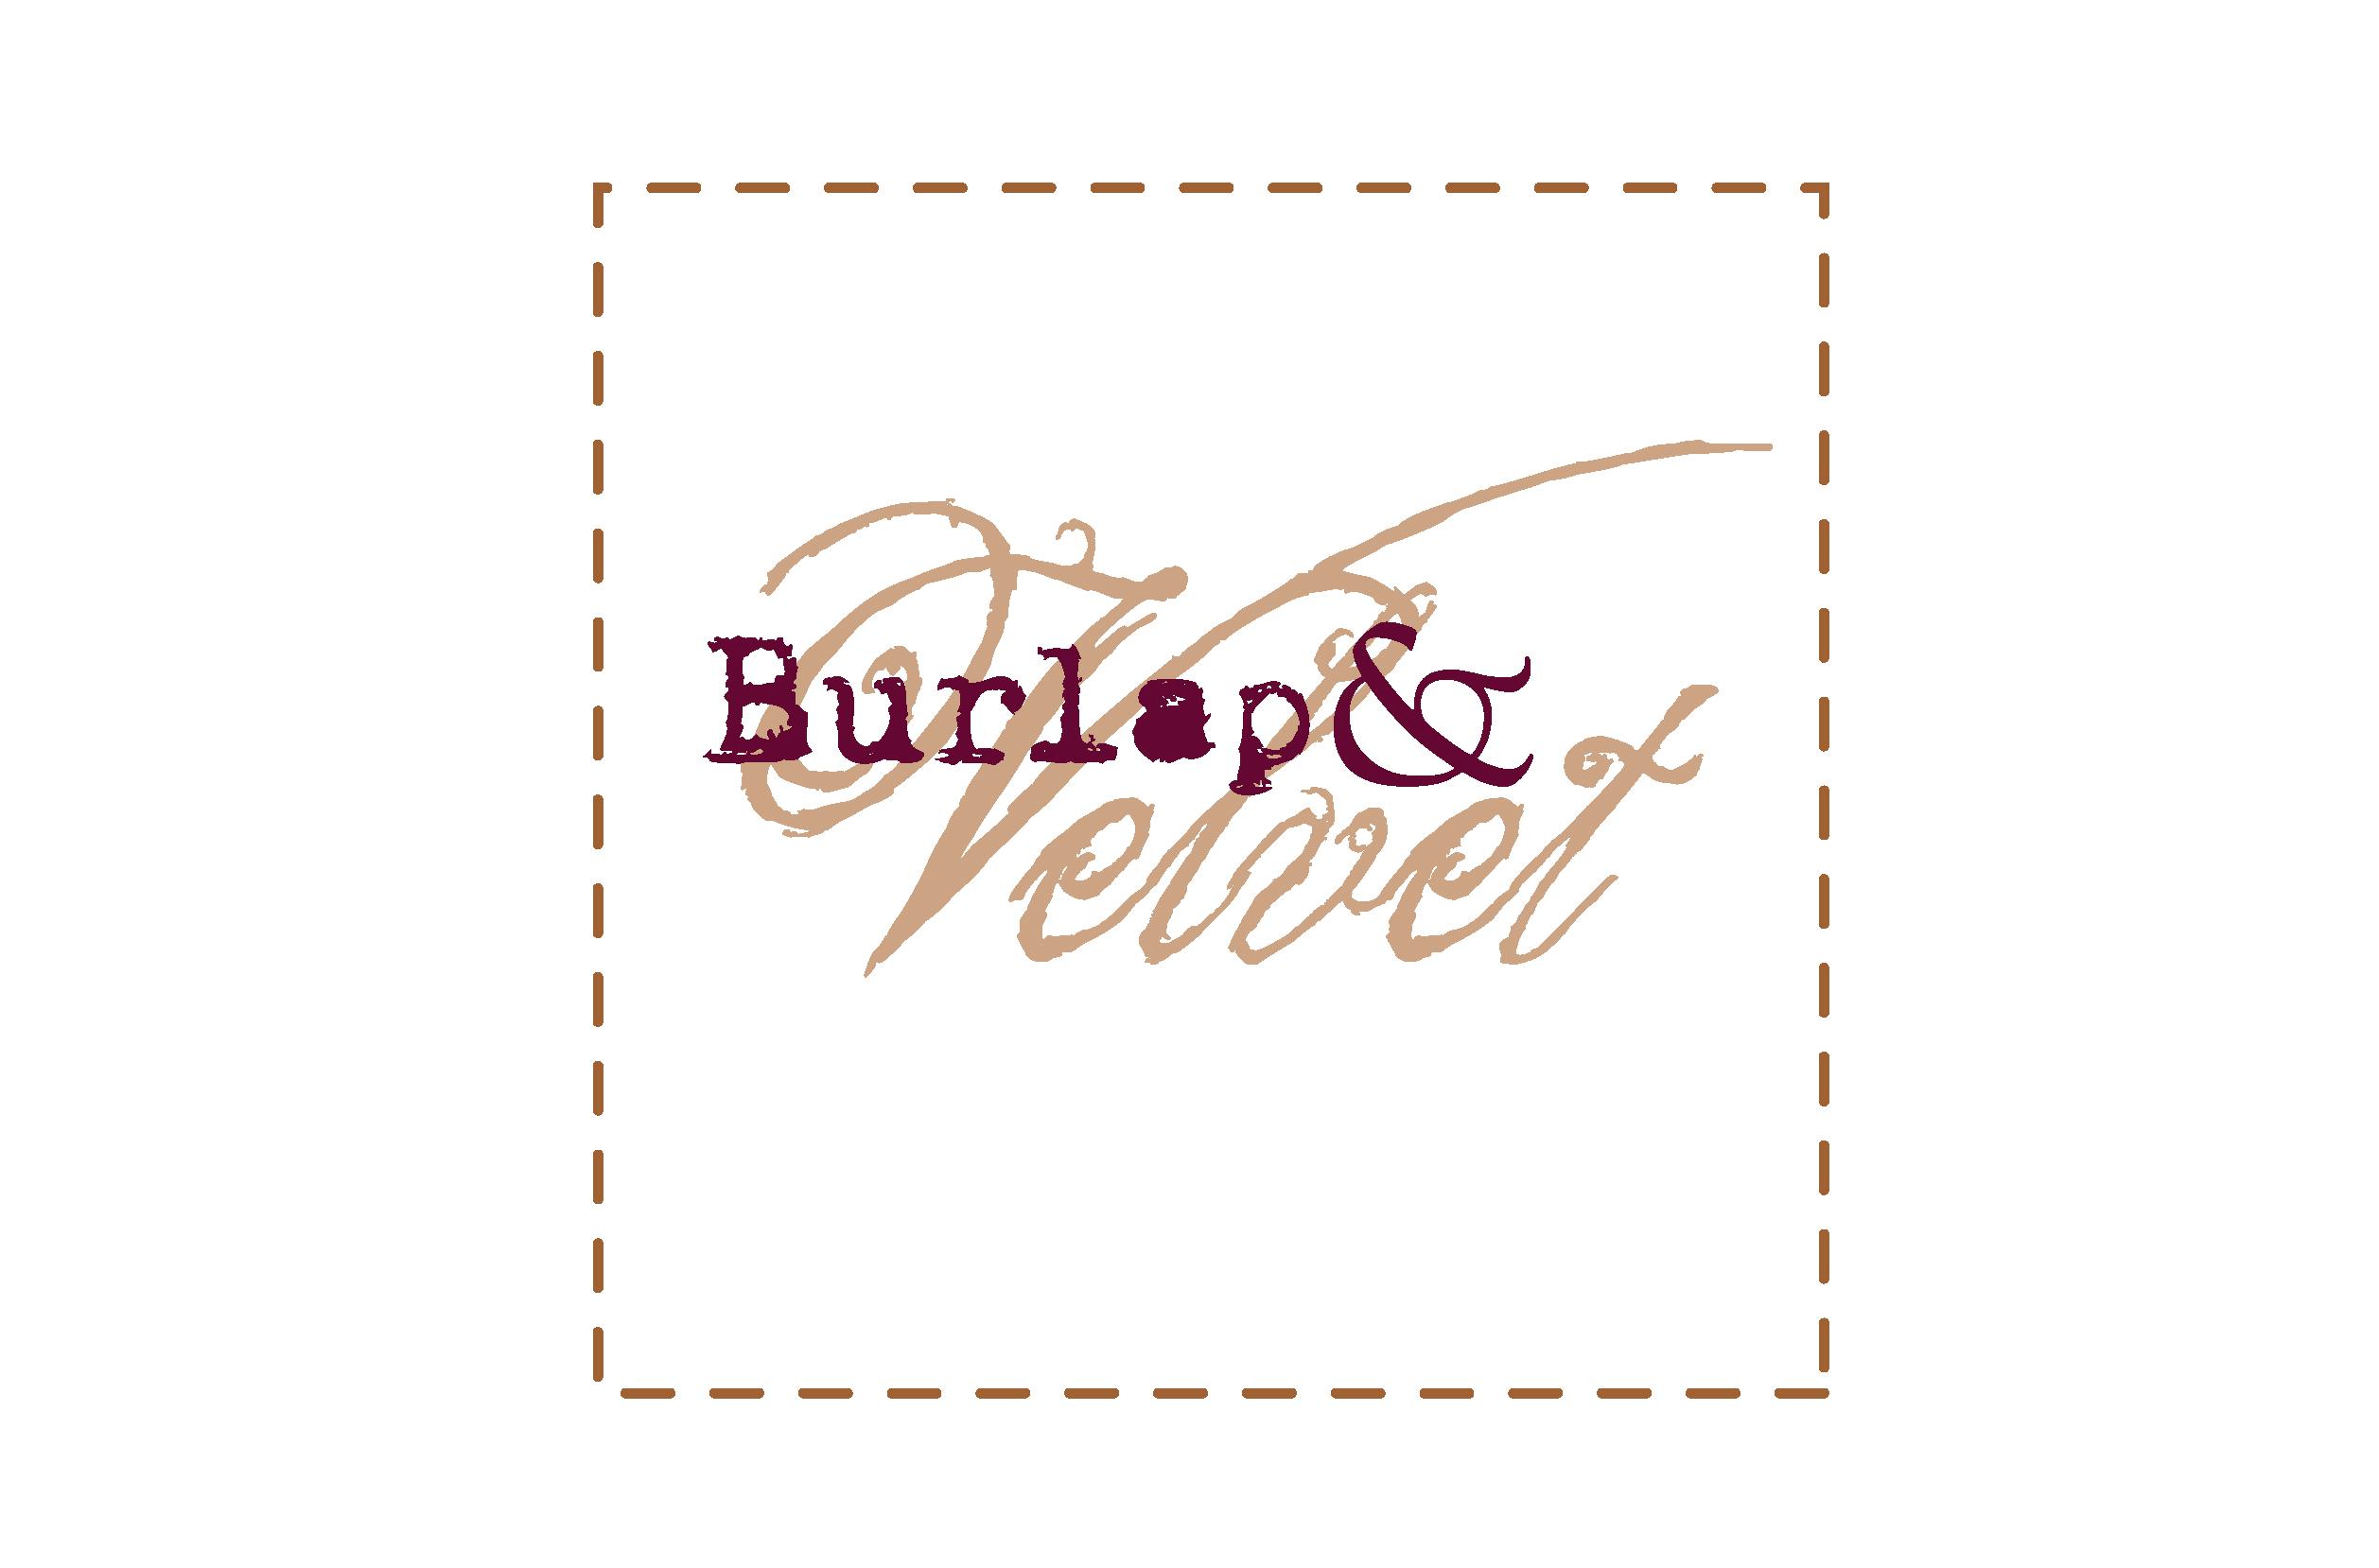 Burlap & Velvet